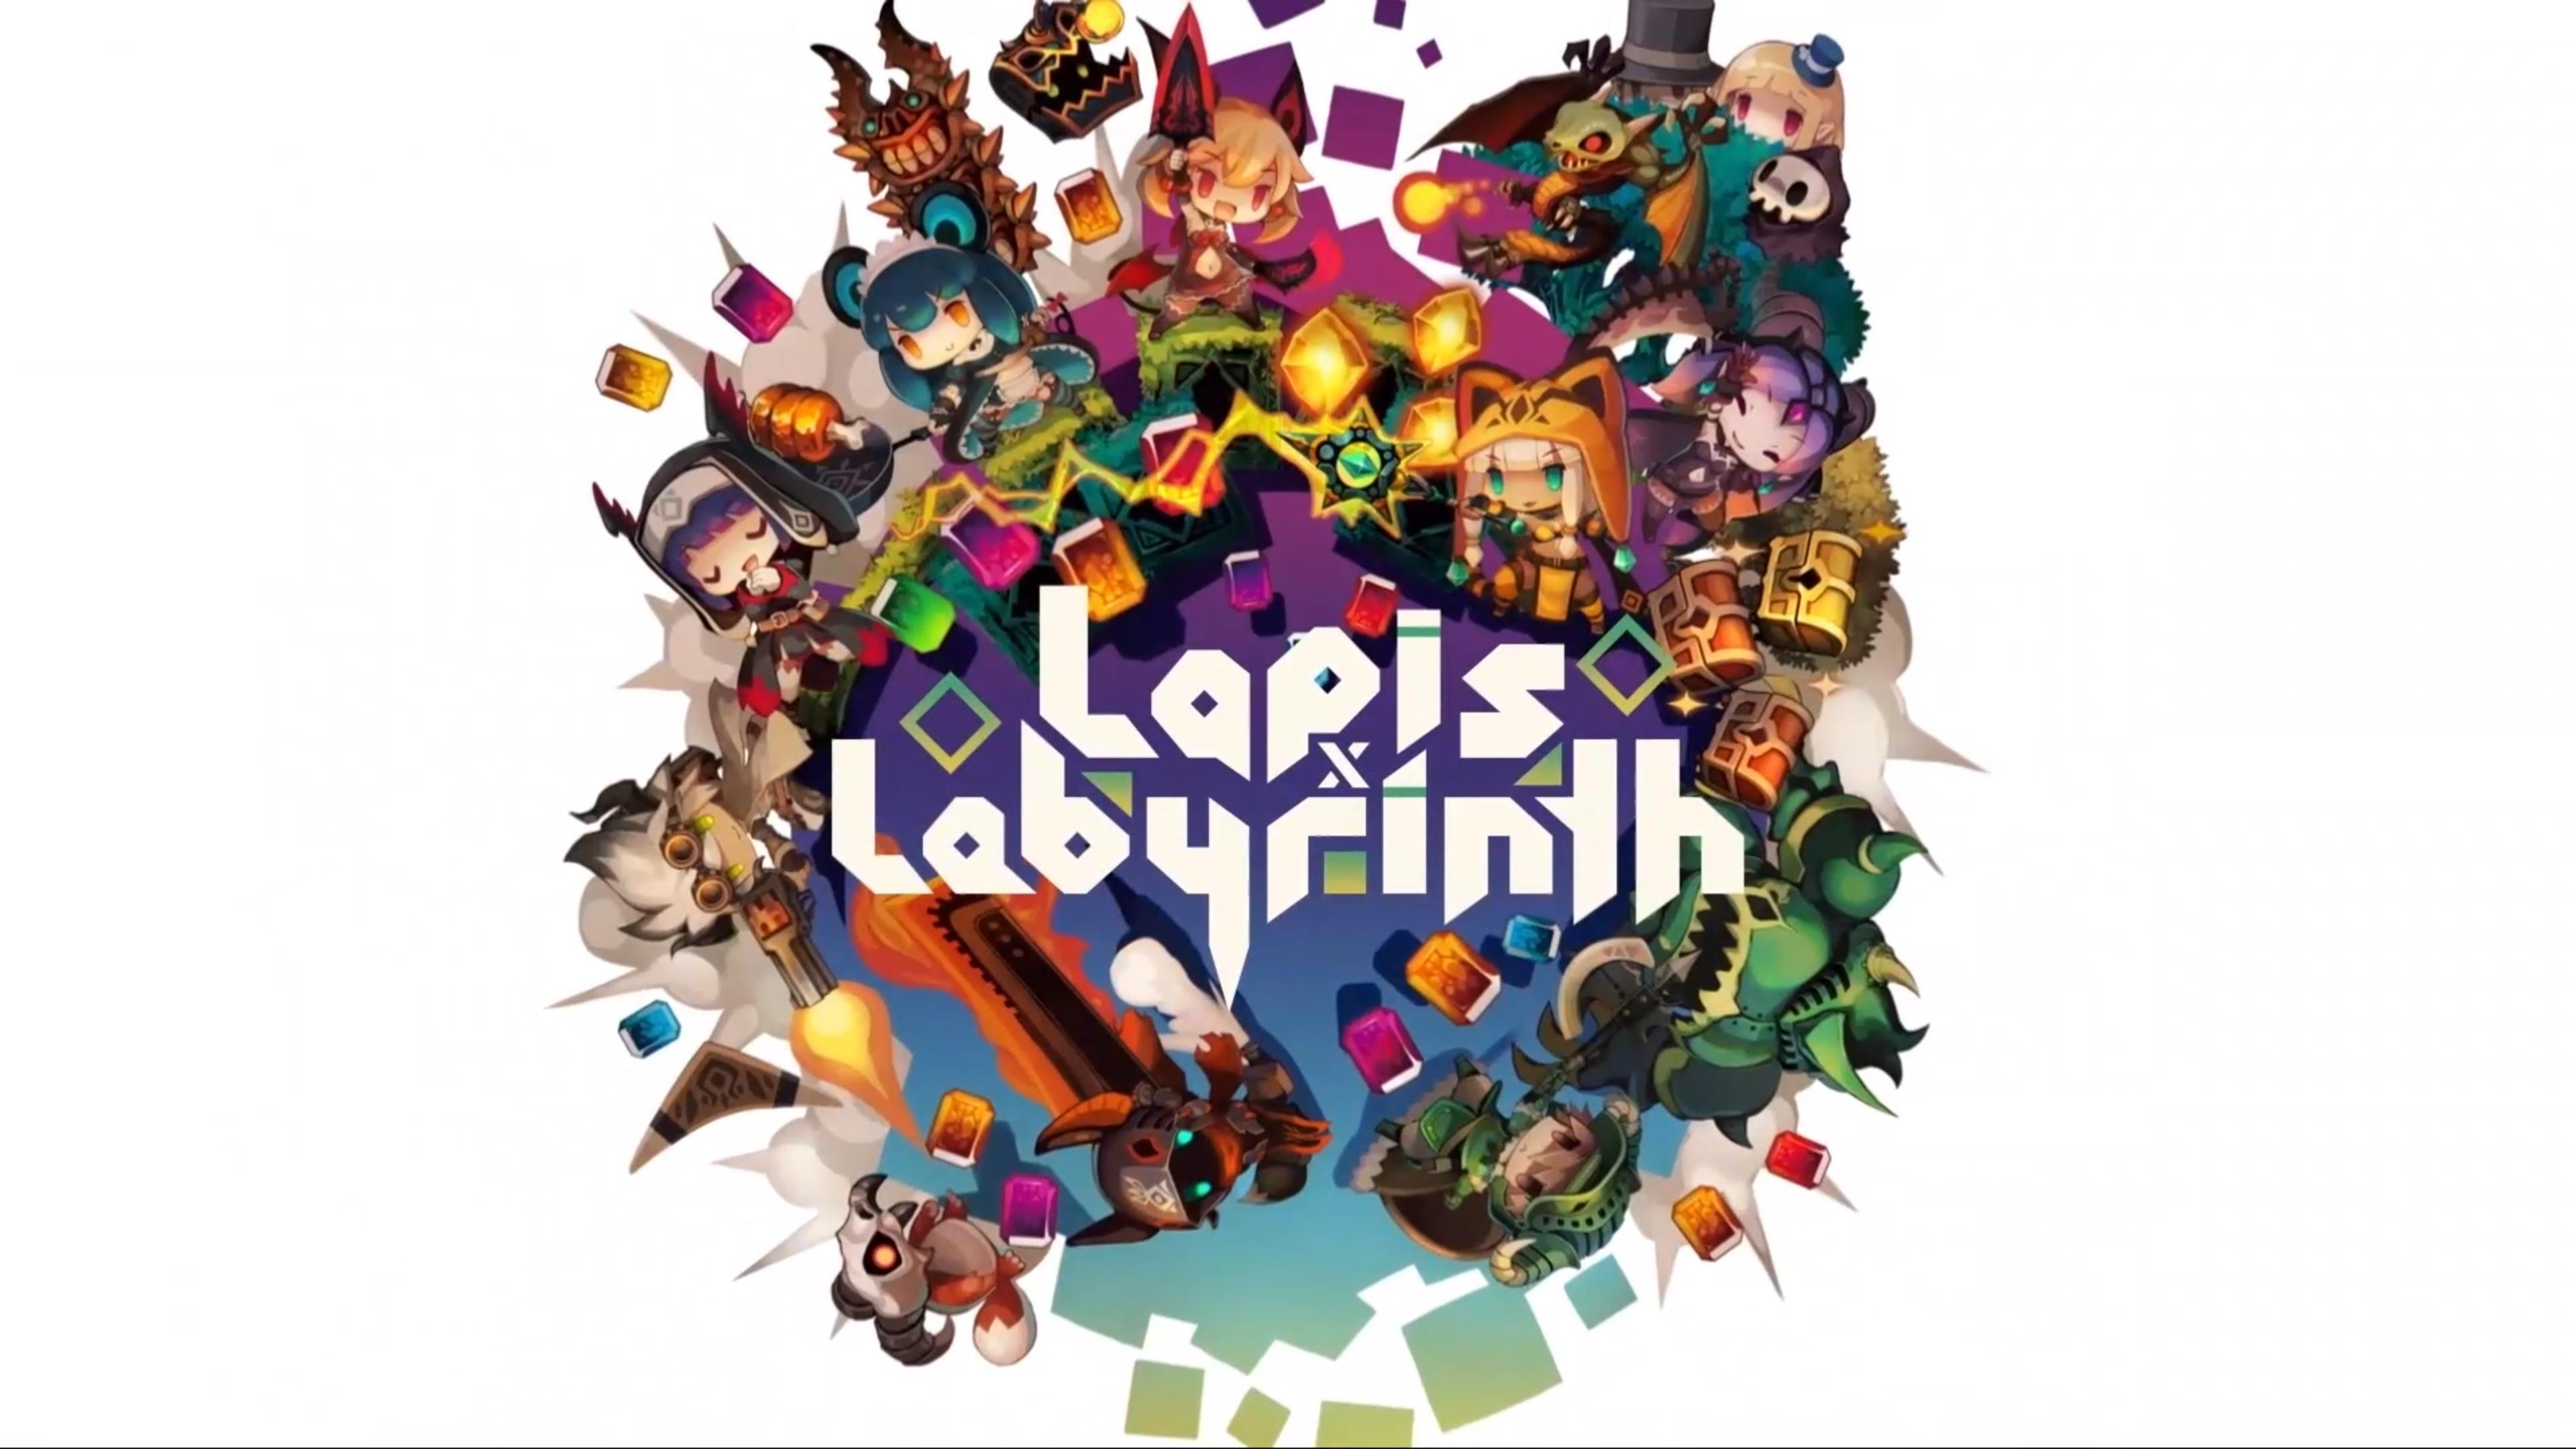 Lapis x Labyrinth chega em 2019 no ocidente, trailer